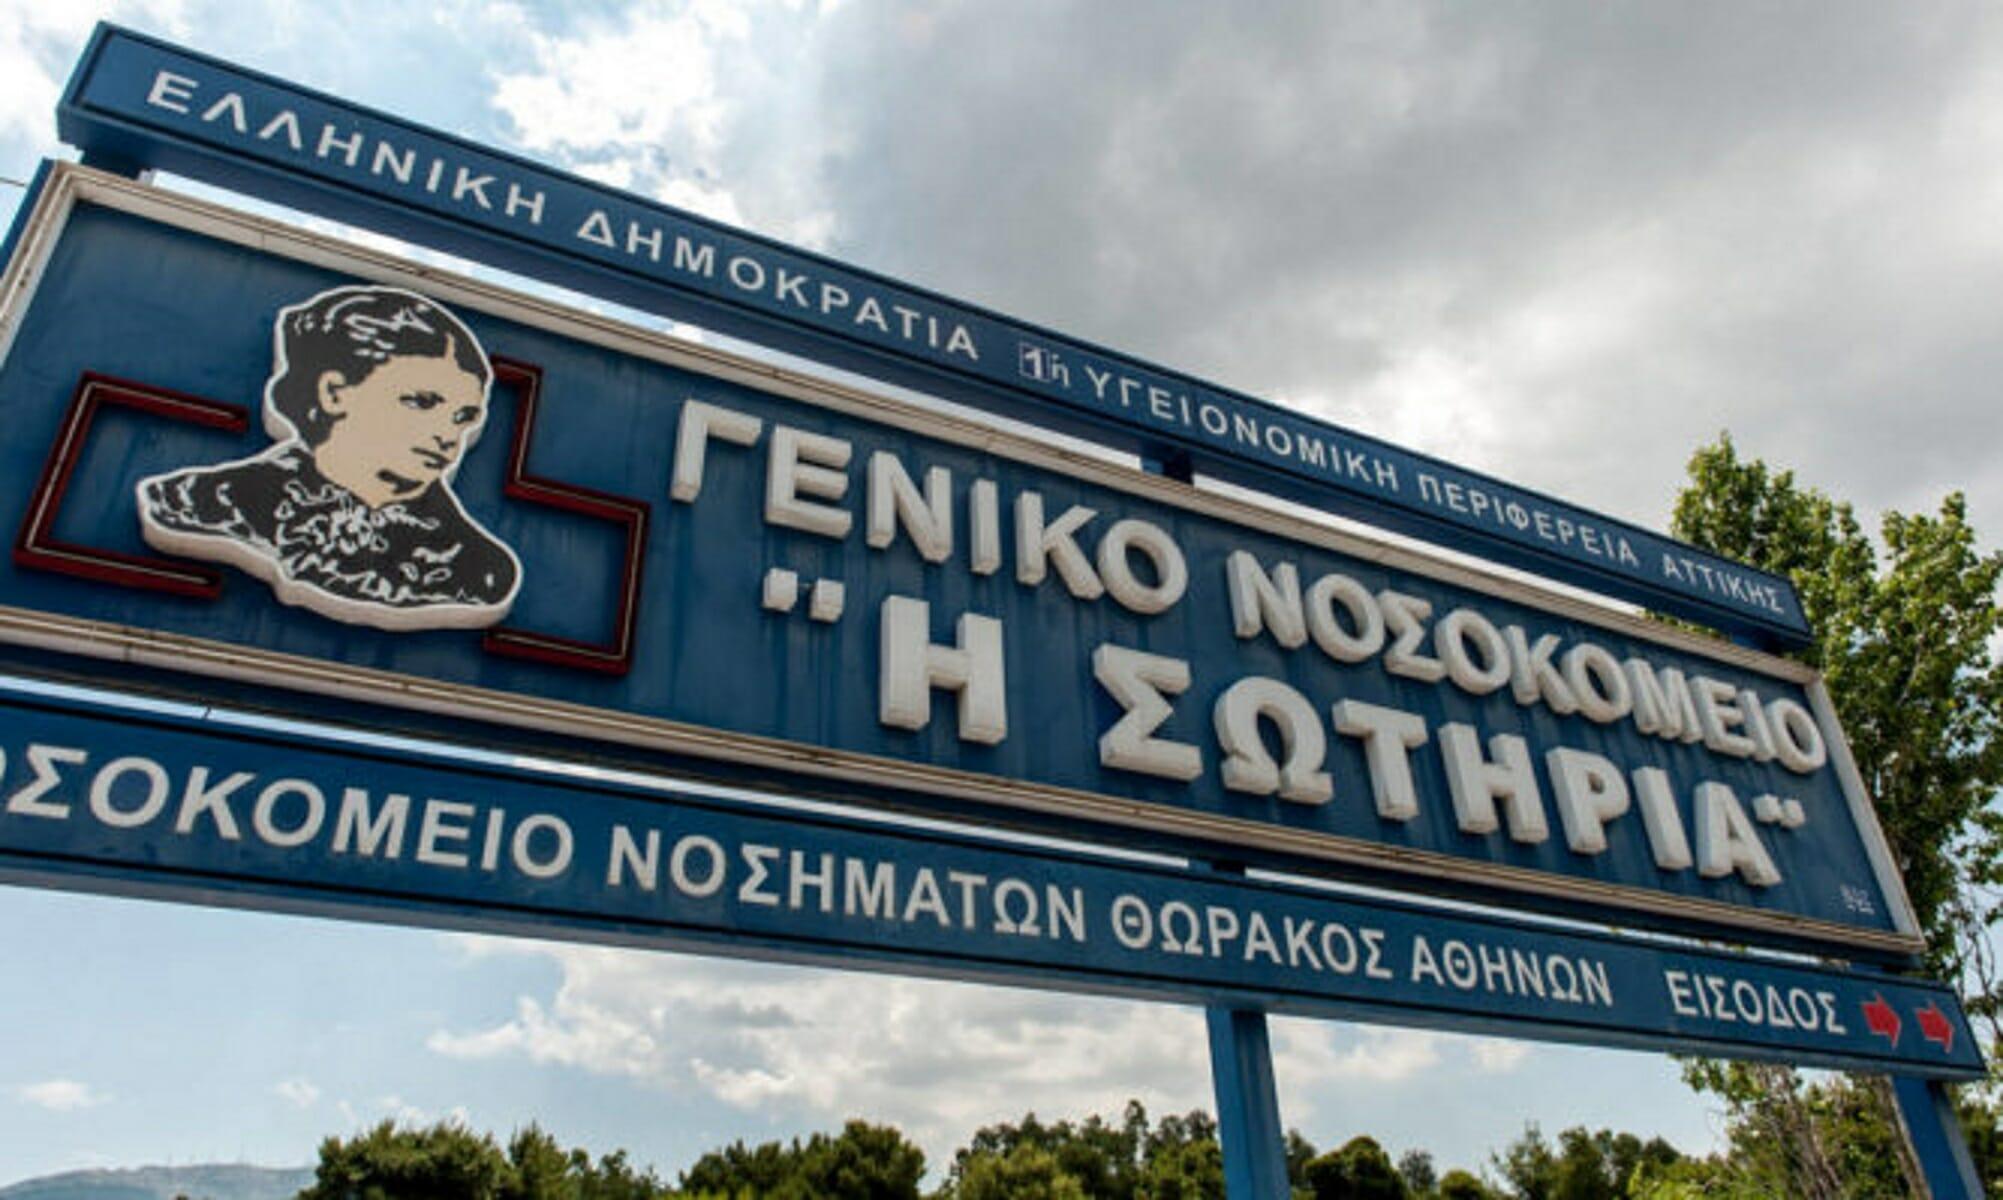 Στους 108 οι νεκροί από κορονοϊό στην Ελλάδα